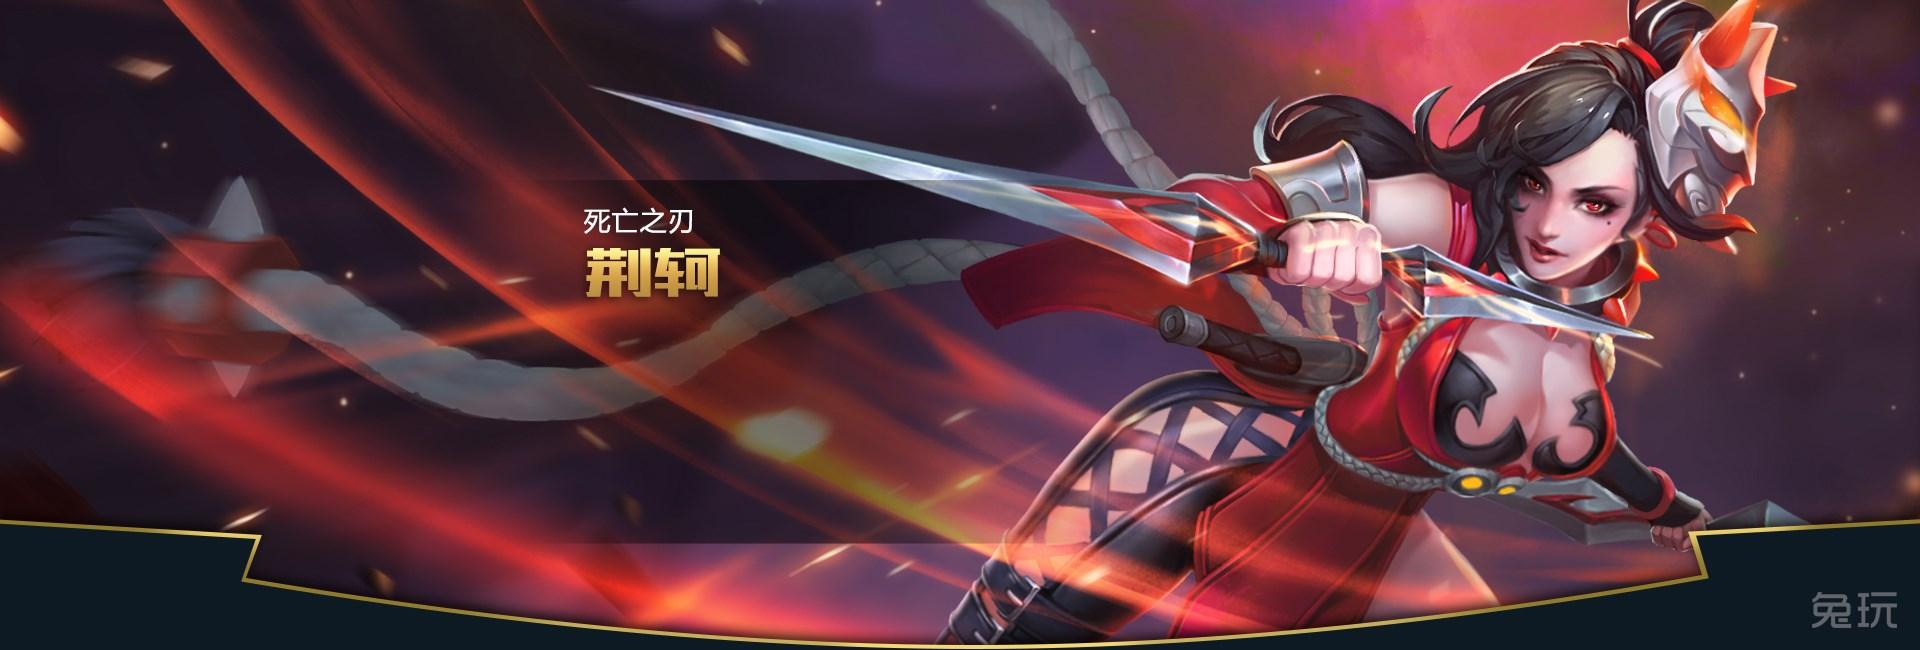 王者荣耀女性英雄壁纸合集 女角色壁纸下载(3)